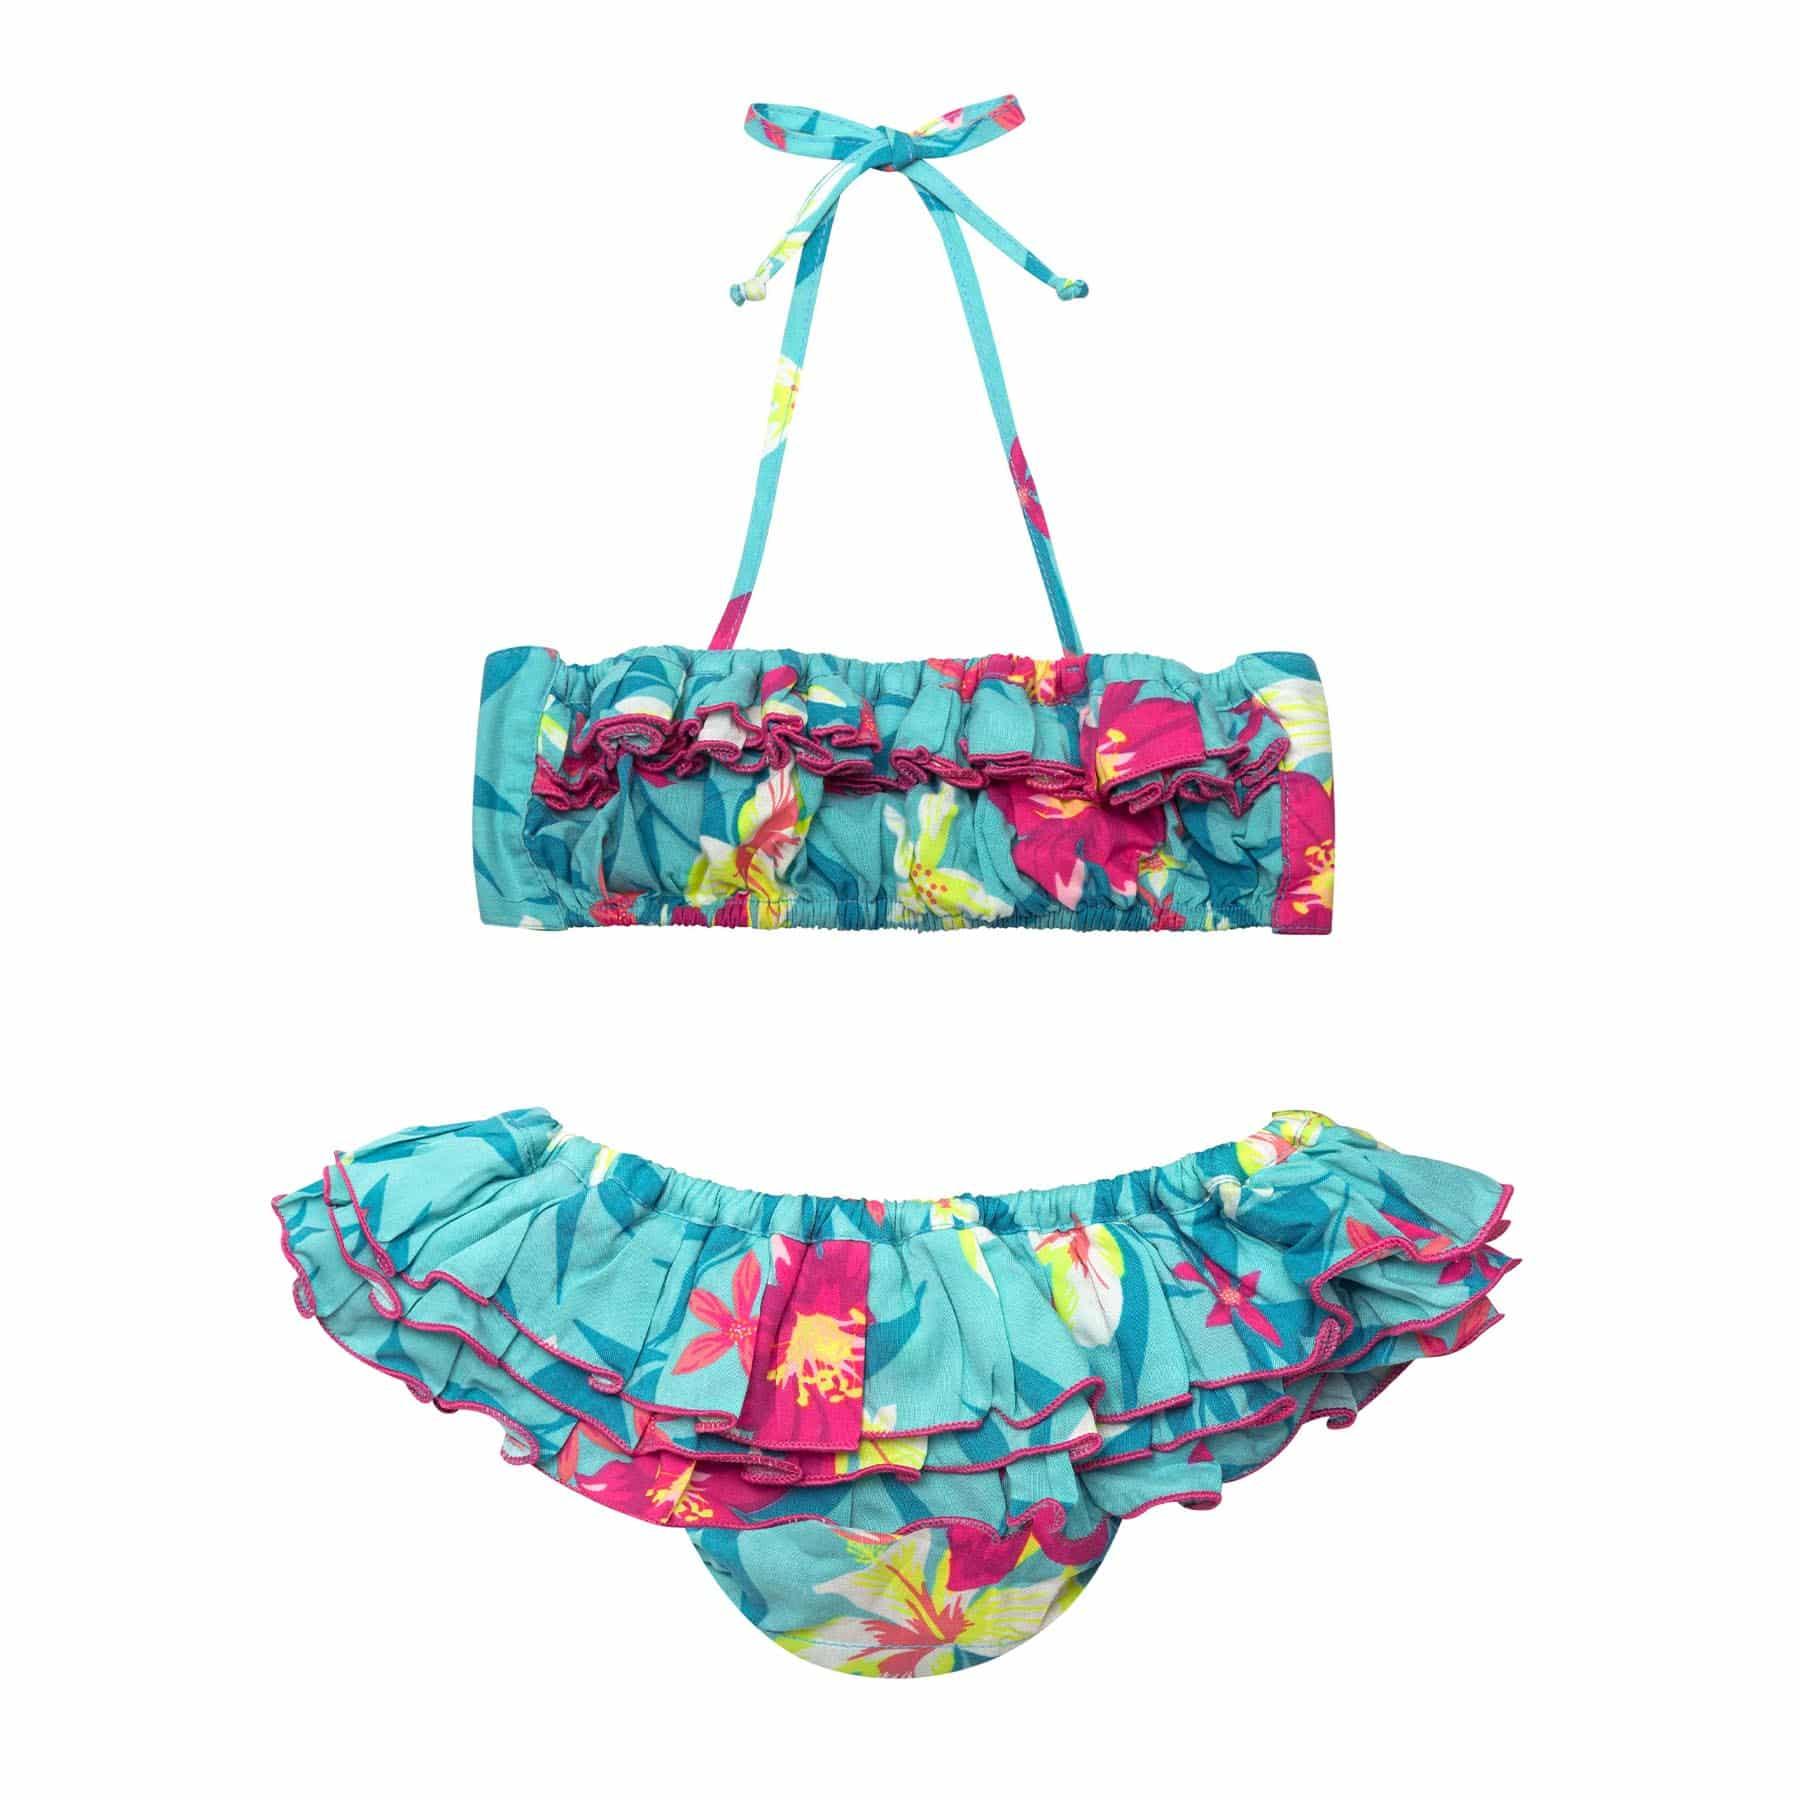 Maillot de bain bikini 2 pièces à volants en coton vert bleu turquoise et fleurs hawaïennes pour filles de 2 à 12 ans